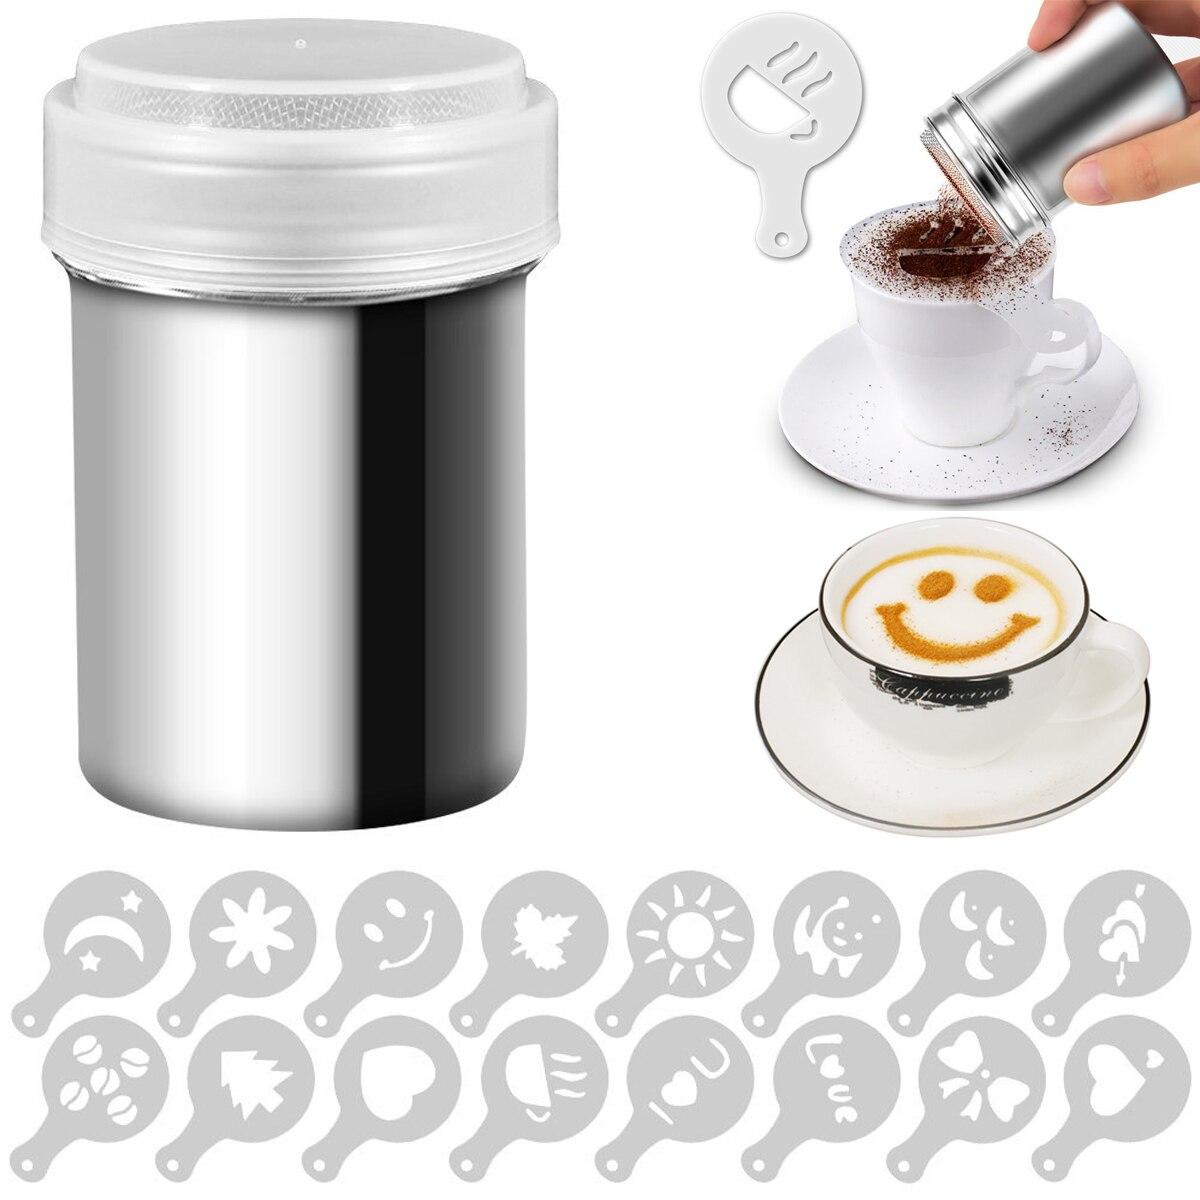 Cappuccino Mold fantazyjne drukowanie na kawie Model pianki Spray ciasto szablony sproszkowany cukier czekolada kakao drukowanie na kawie AssemblyD40